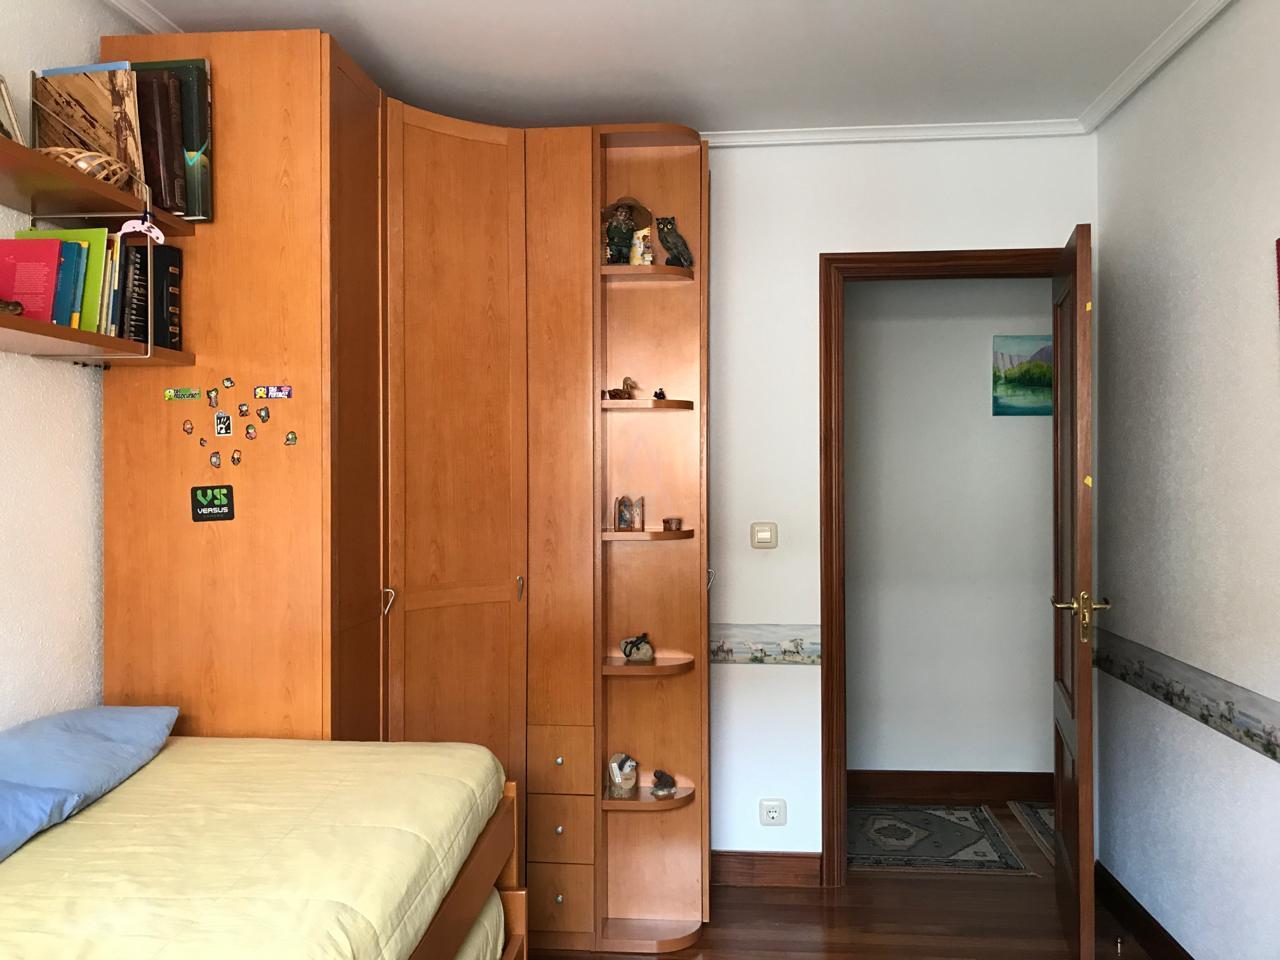 Inmobiliaria avenida piso en venta en galdakao de 109 m2 - Pisos en venta galdakao ...